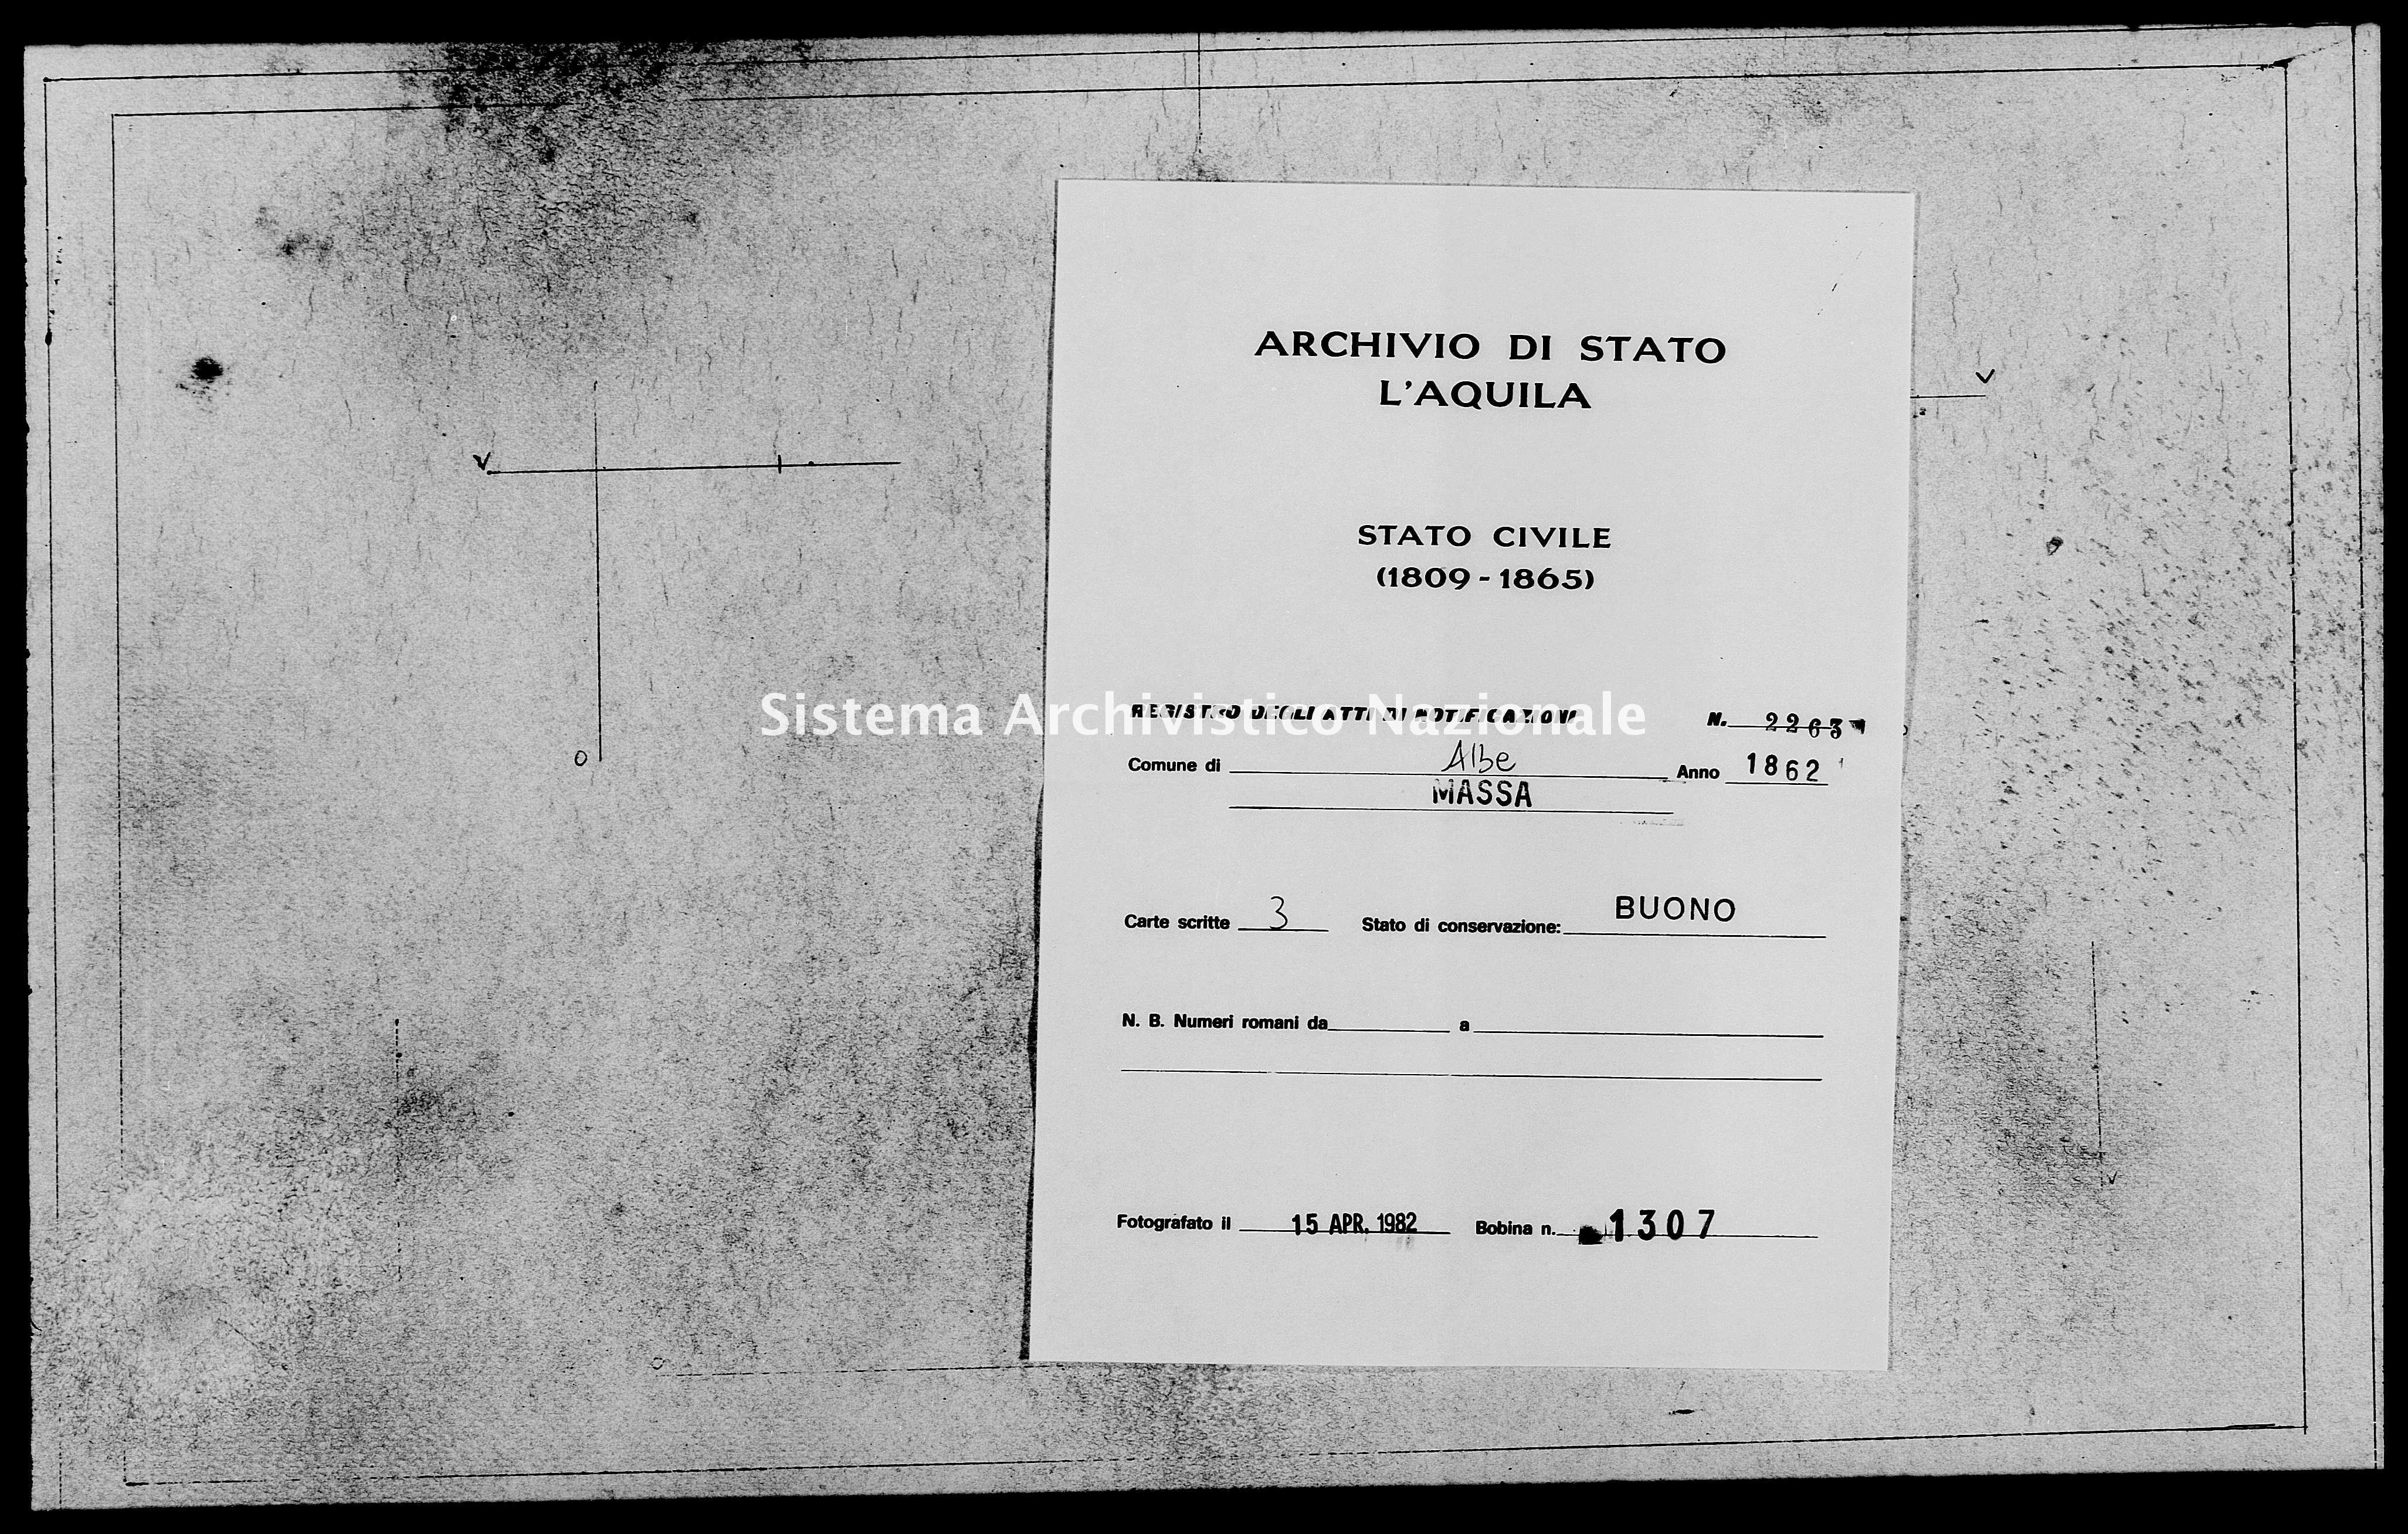 Archivio di stato di L'aquila - Stato civile italiano - Albe - Matrimoni, memorandum notificazioni ed opposizioni - 1862 - 2263 -